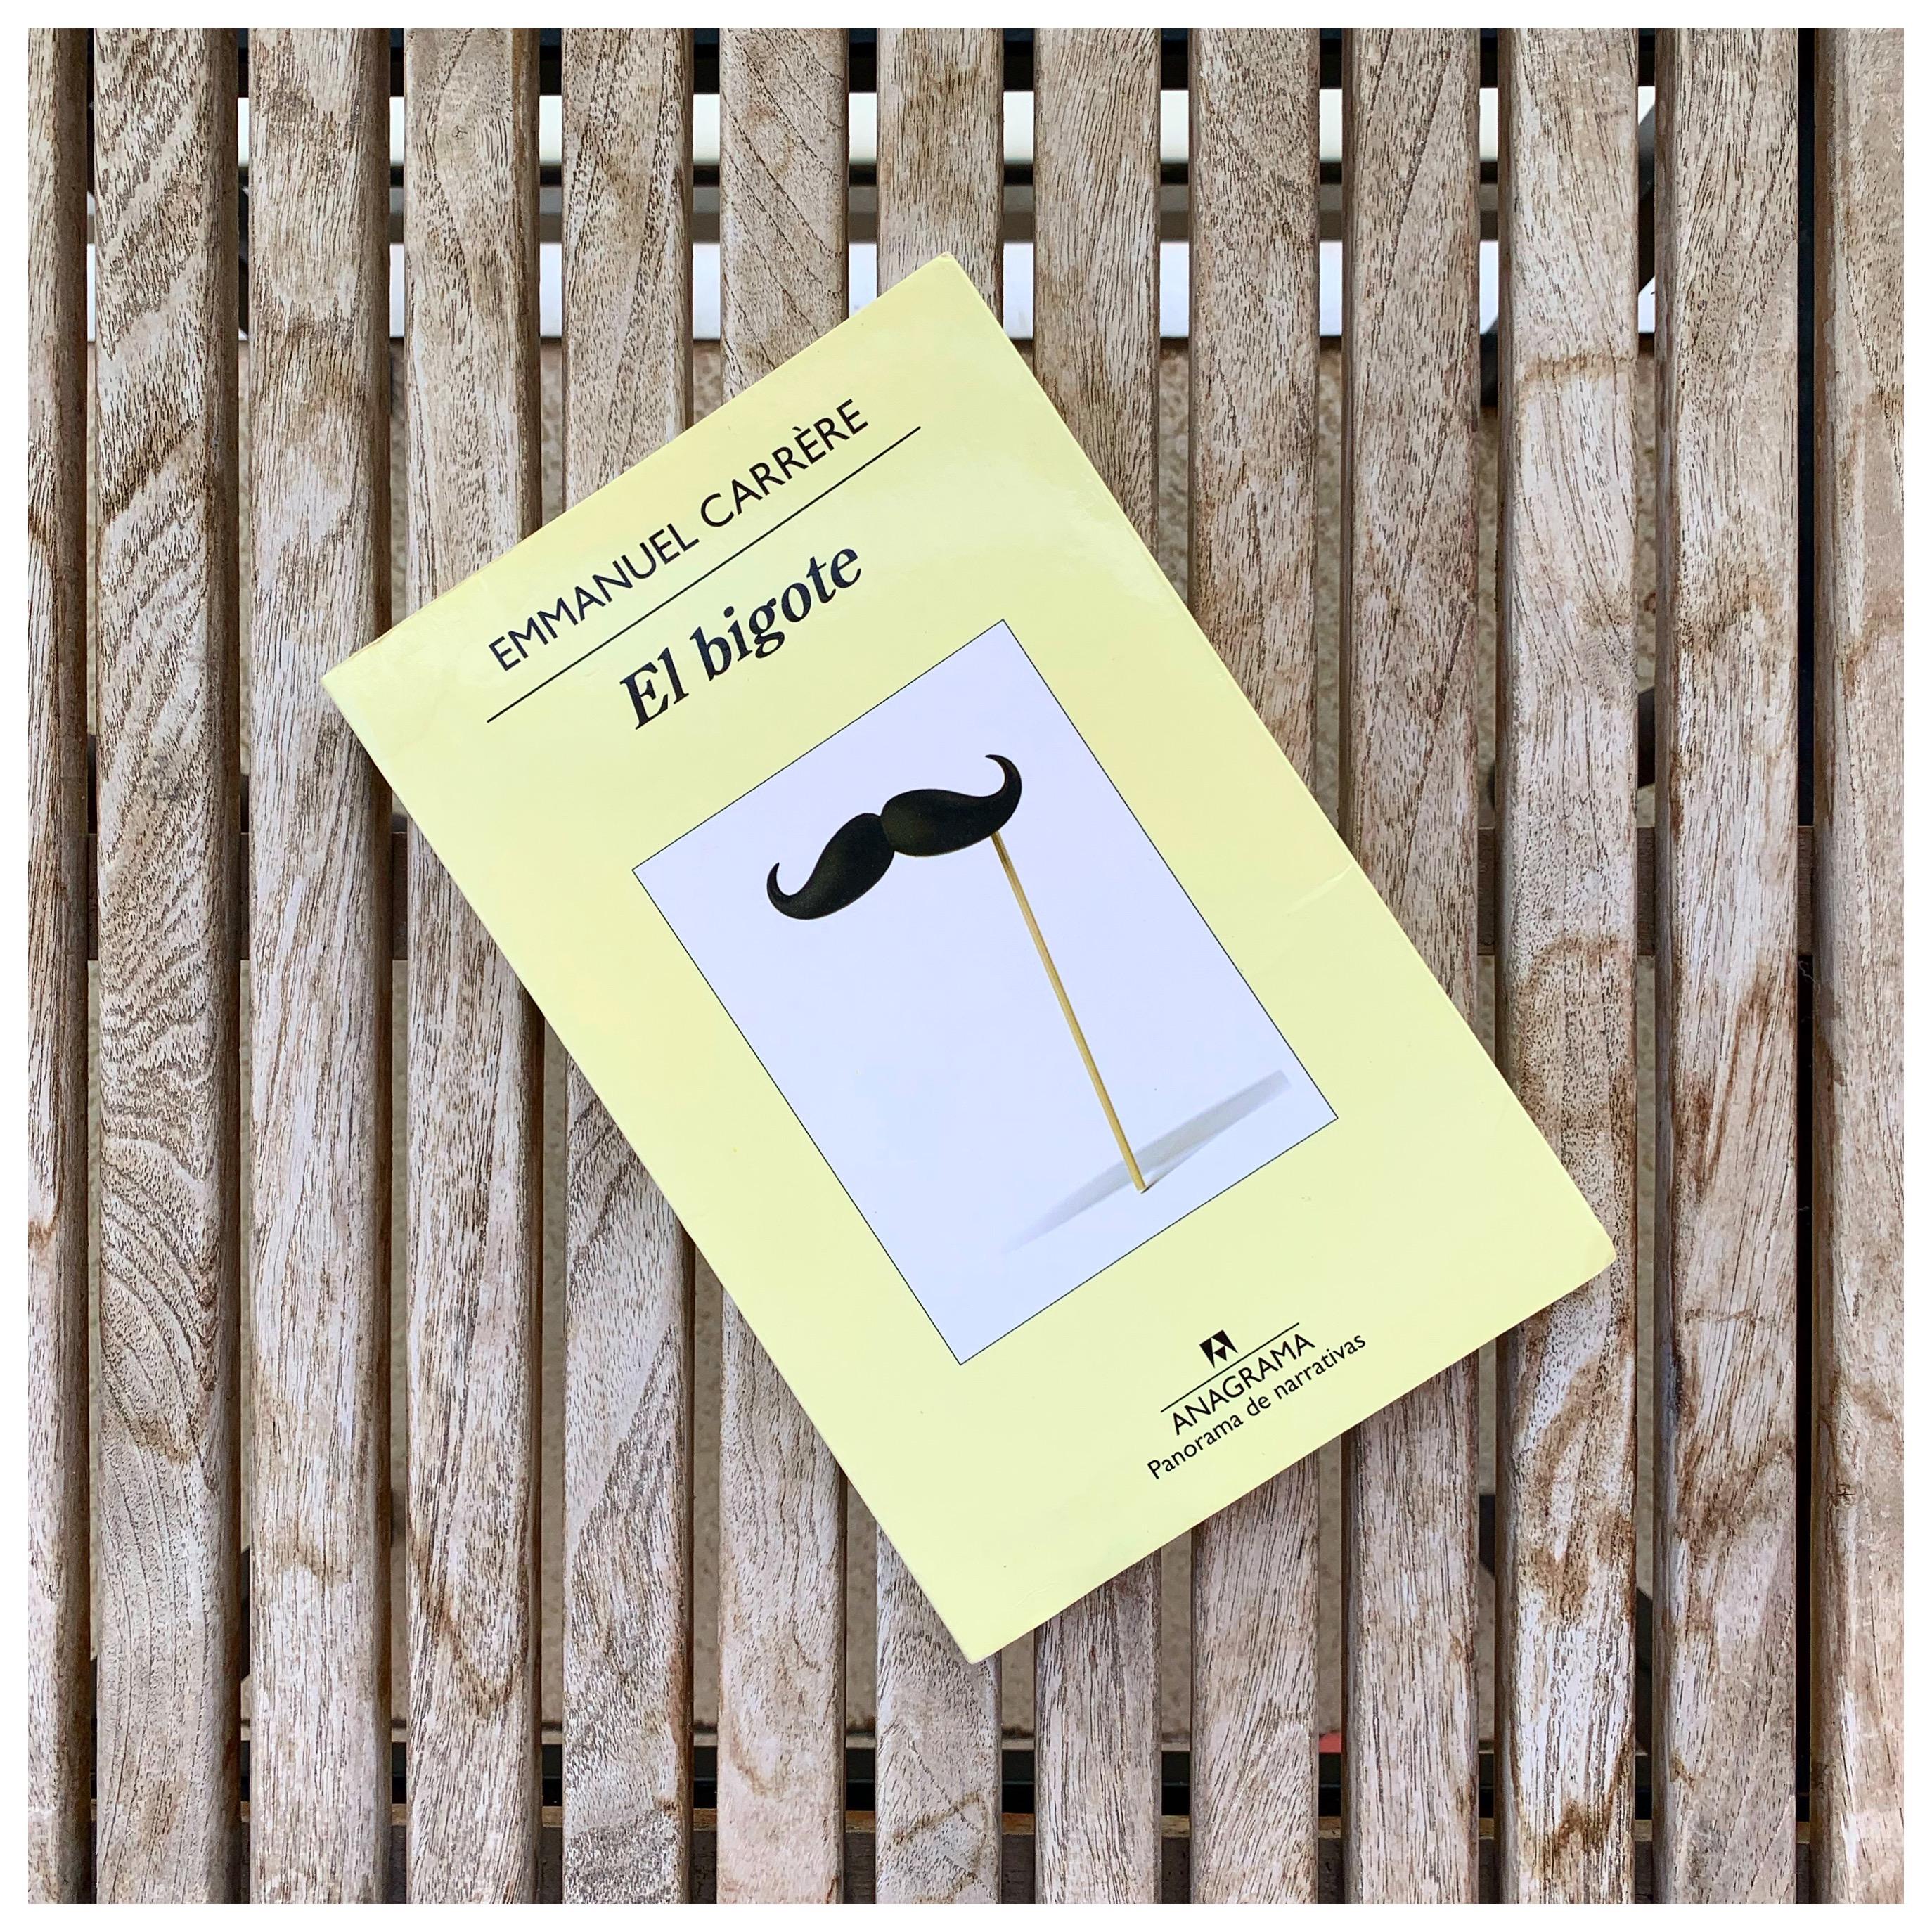 """Imagen de Reseña de """"El bigote"""", de Emmanuel Carrère."""